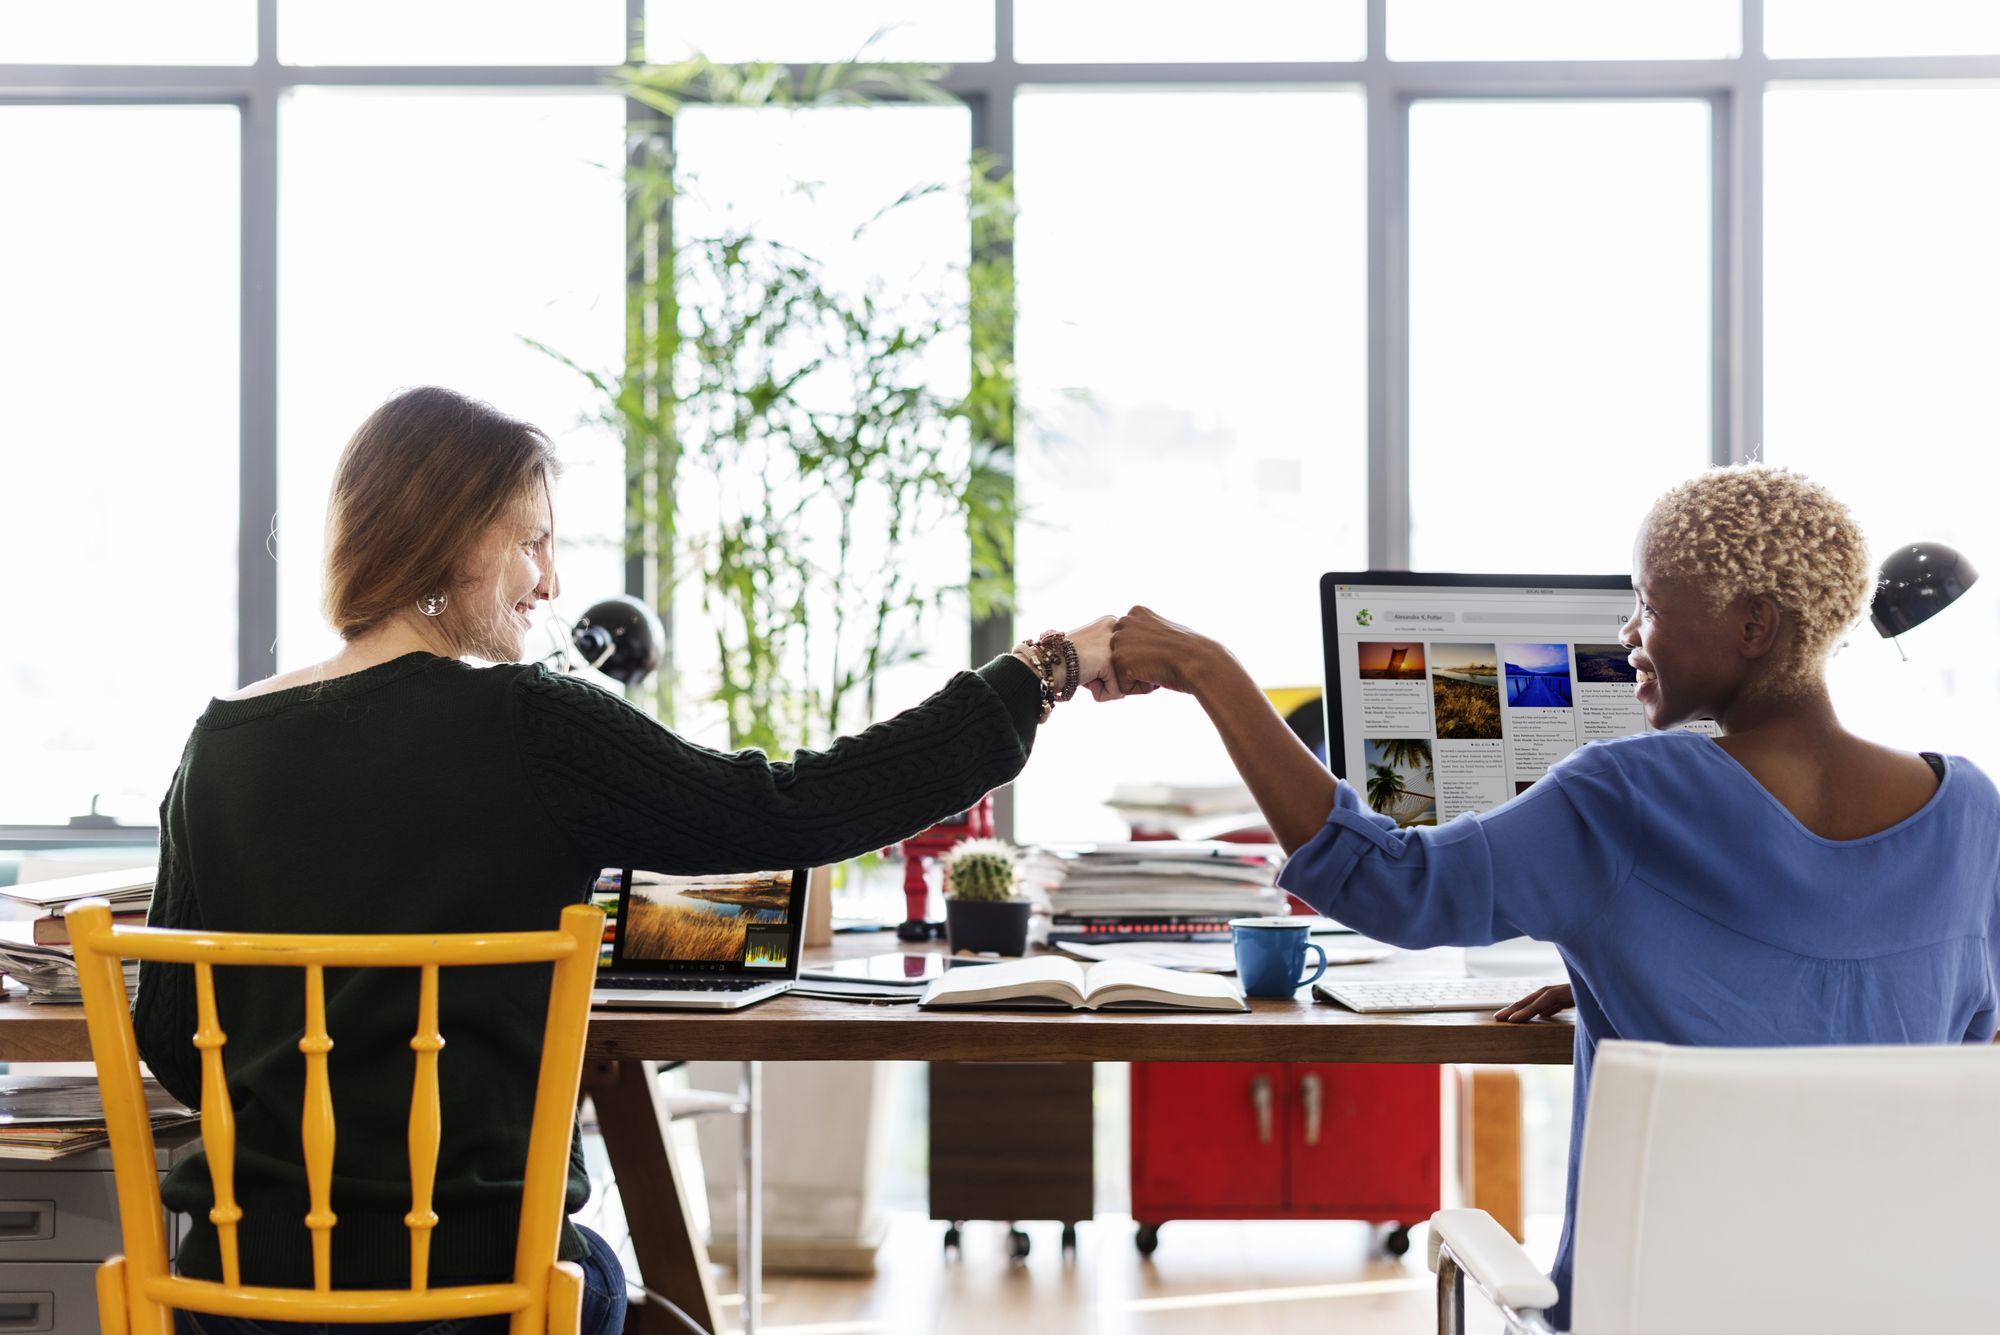 Propósito da empresa x vida pessoal: como transferir valores para a organização?